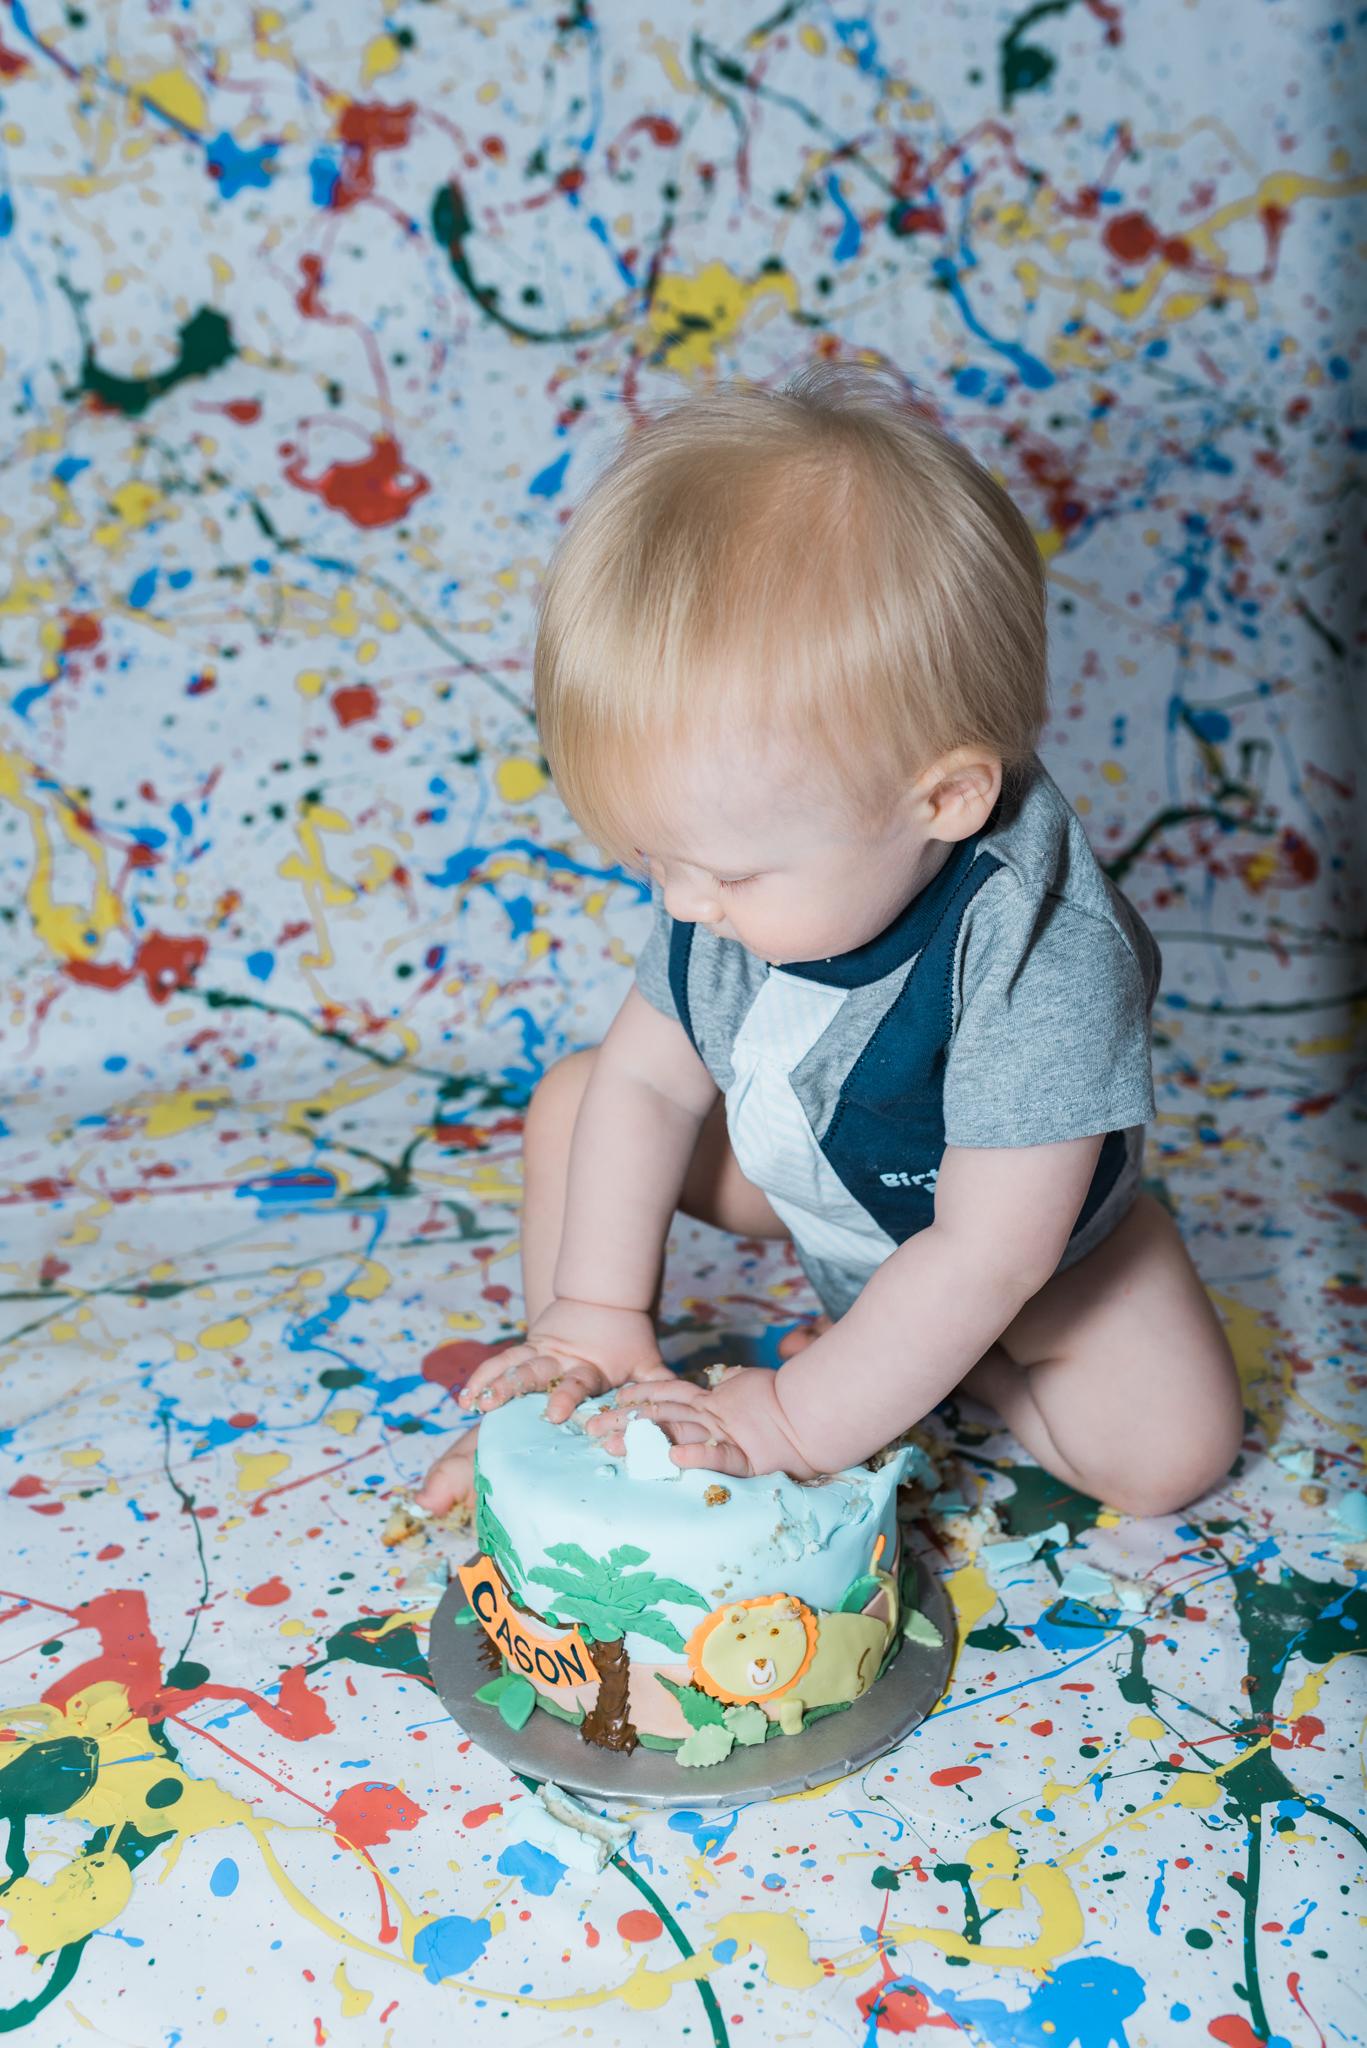 cakesmashfb-6149.jpg